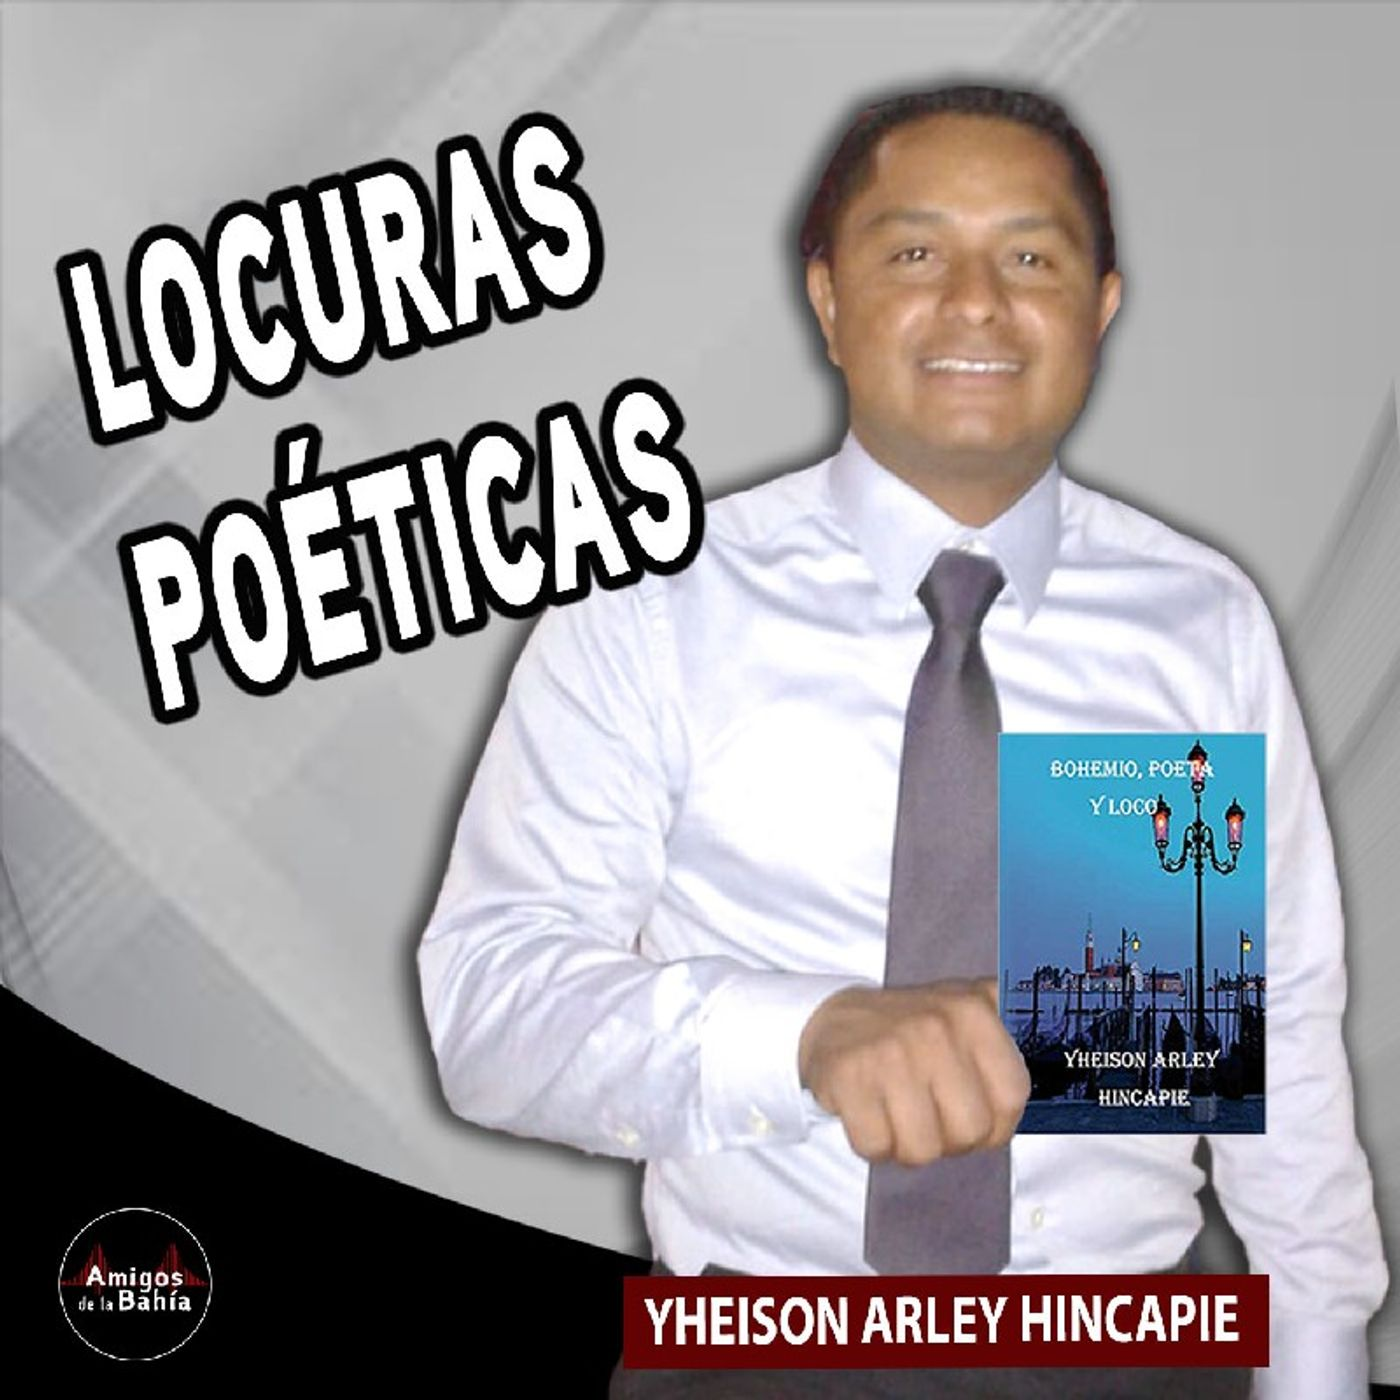 41. Locuras Poéticas  Yheison Arley Hincapie